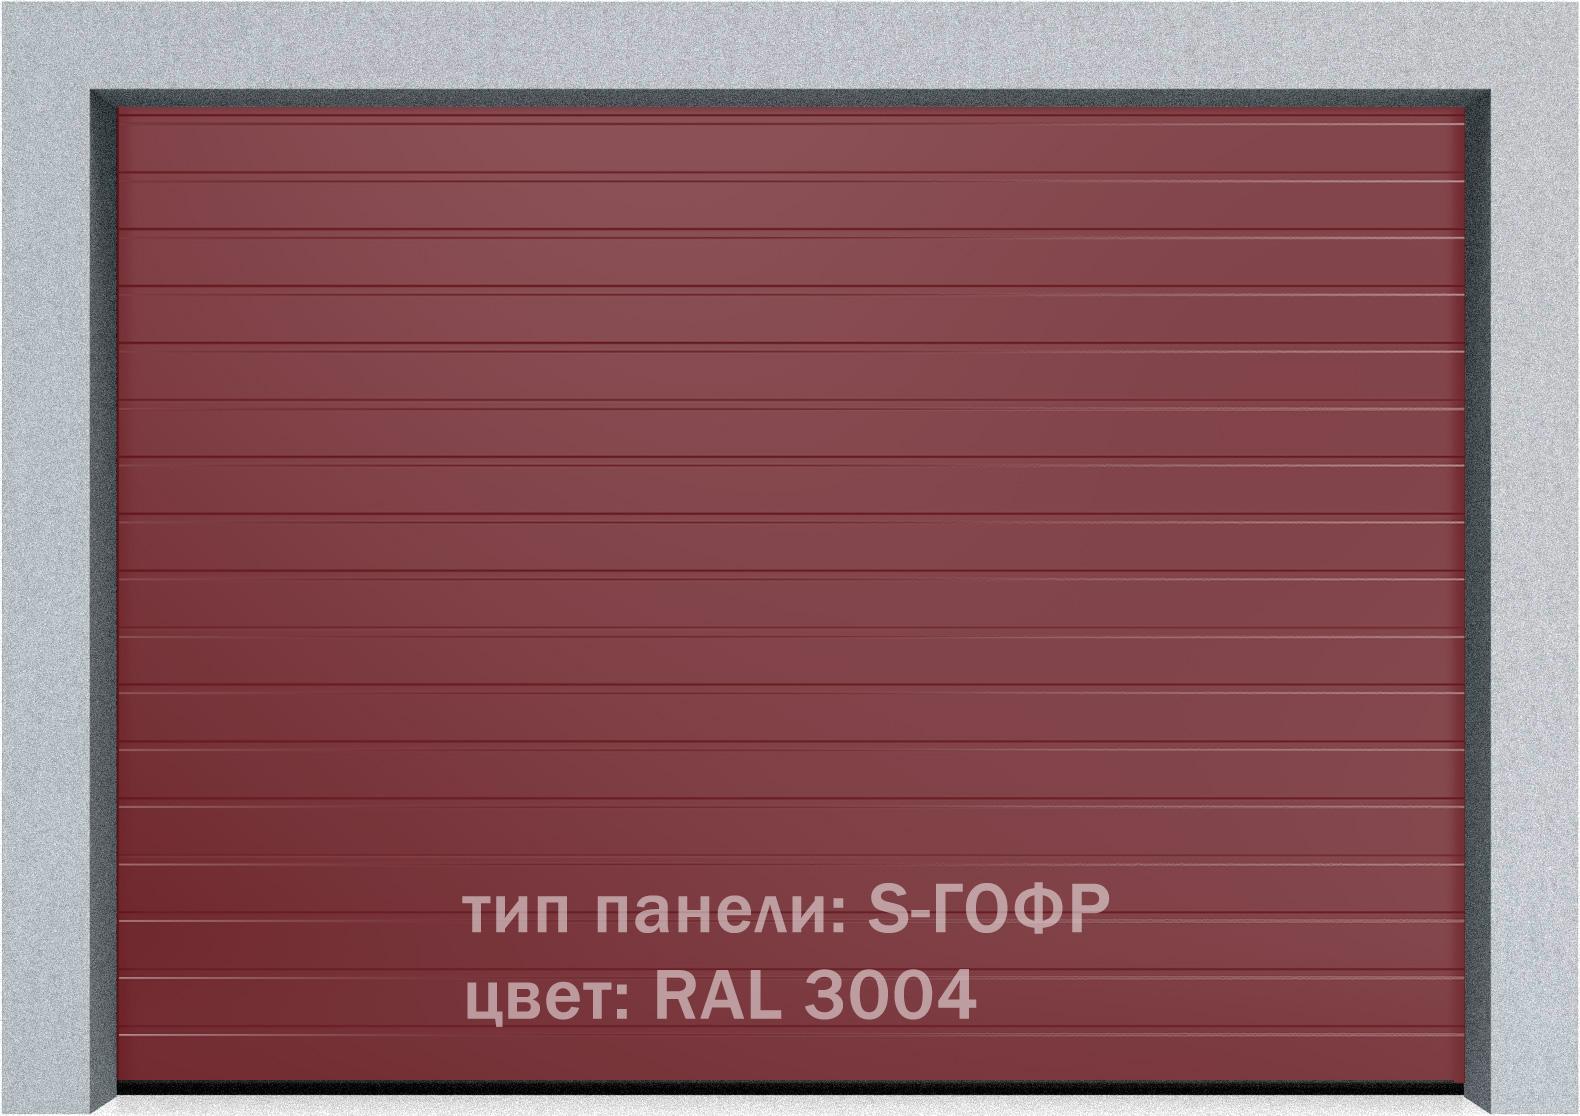 Секционные промышленные ворота Alutech ProTrend 3375х2000 S-гофр, Микроволна стандартные цвета, фото 5